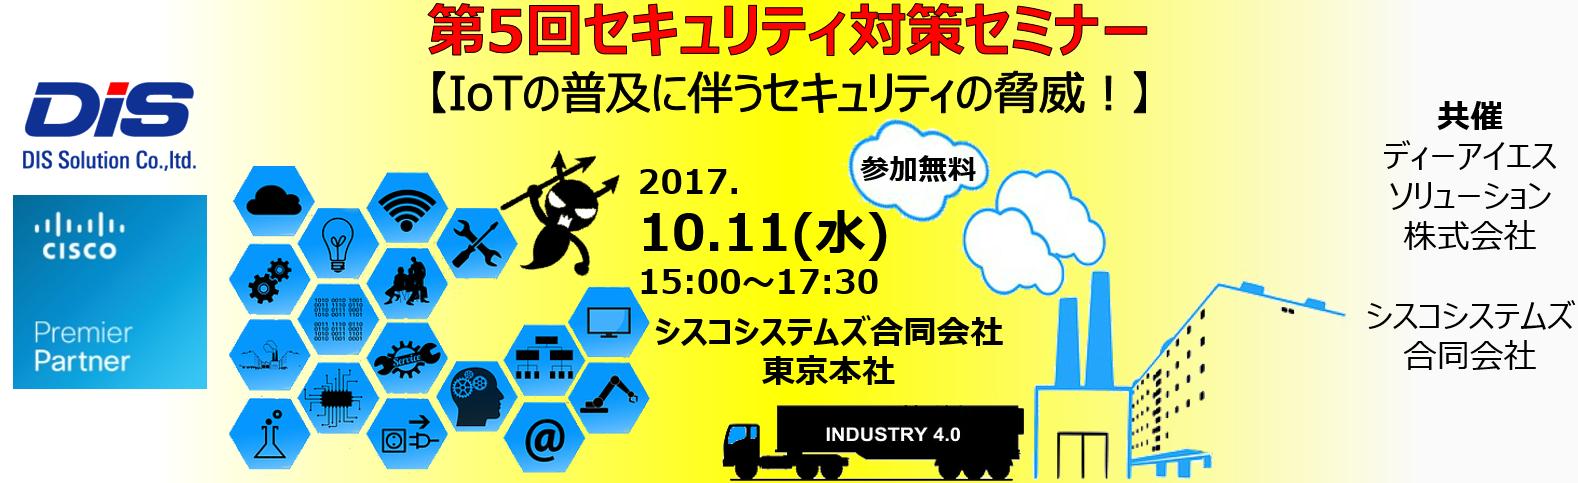 20171011東京キャラバン申し込みサイトバナー